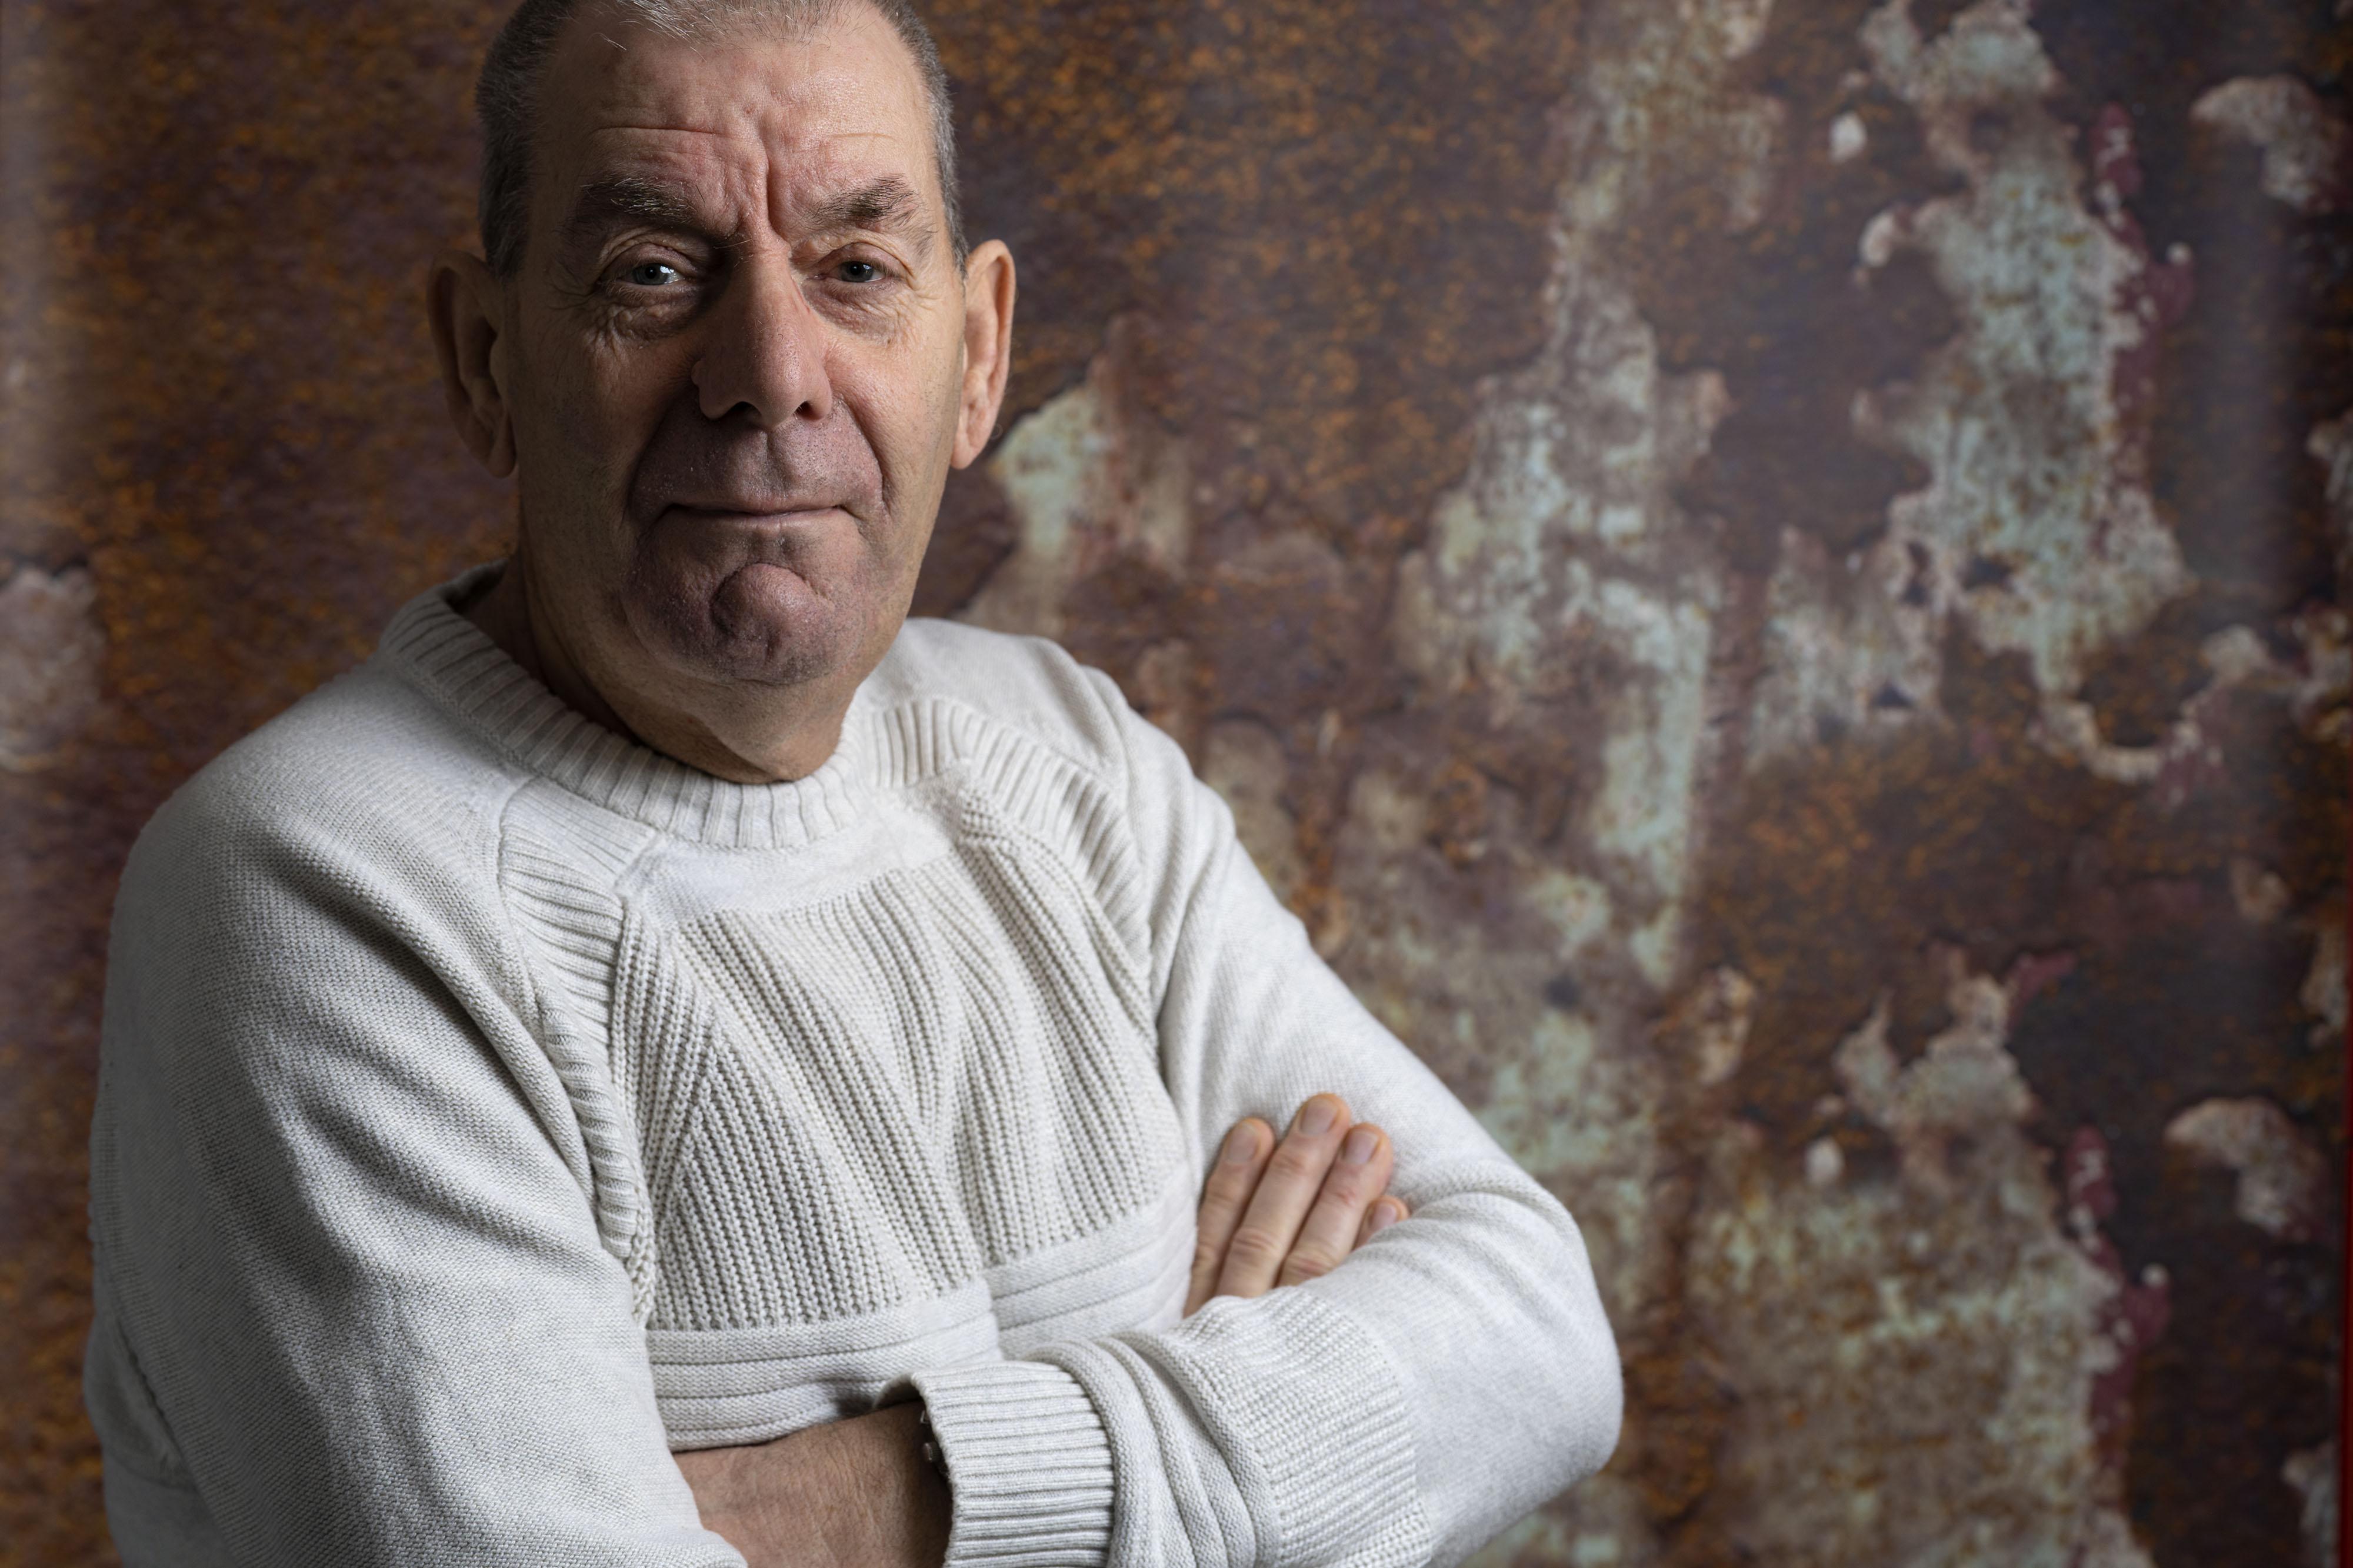 Olaf Lepoeter, genomineerd voor Persoon van het Jaar: 'We waren met drie paashazen, bewoners stonden soms huilend voor het raam'